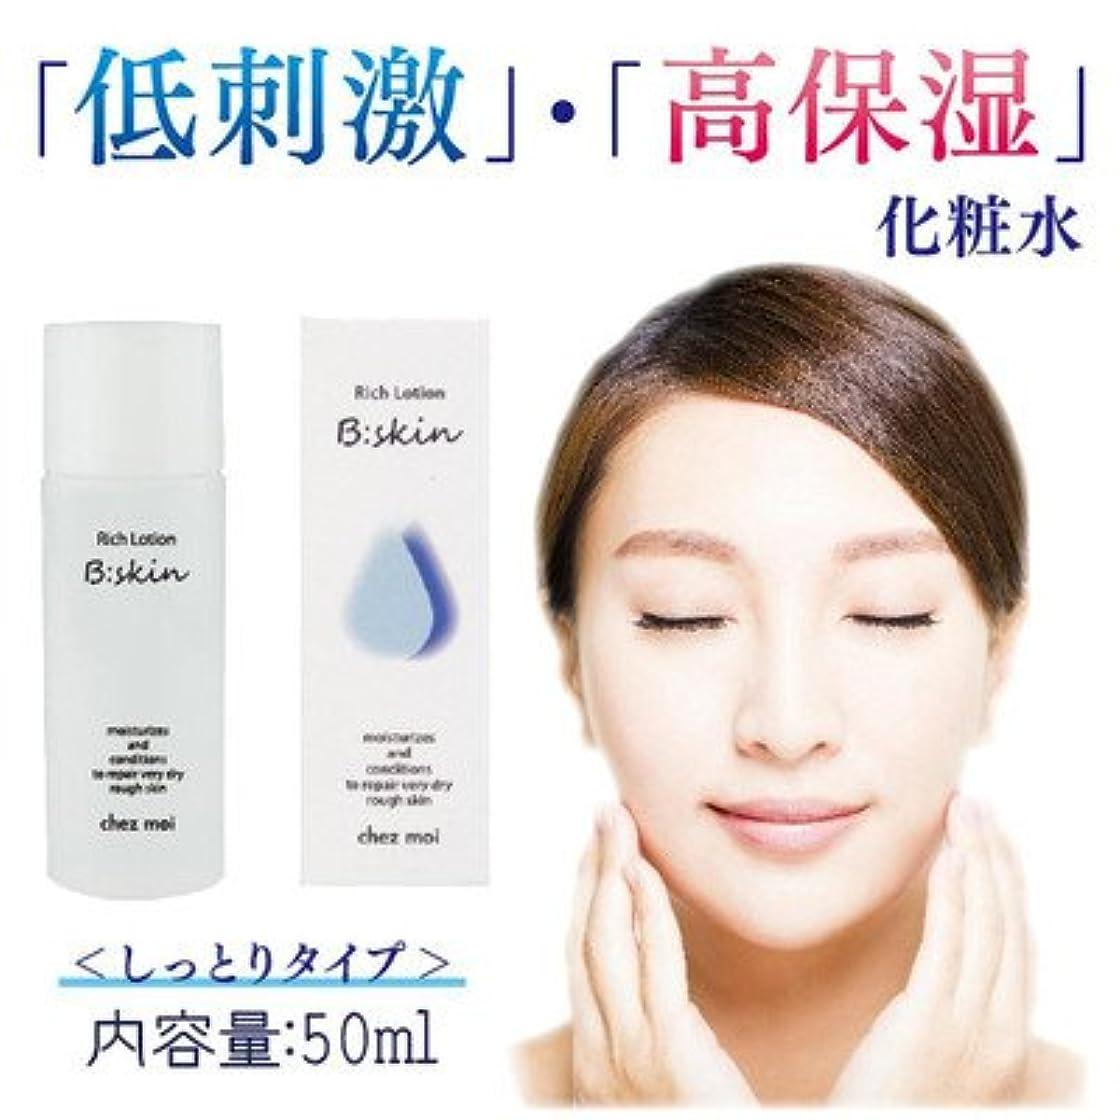 びっくり顎東方低刺激 高保湿 しっとりタイプの化粧水 B:skin ビースキン Rich Lotion リッチローション しっとりタイプ 化粧水 50mL